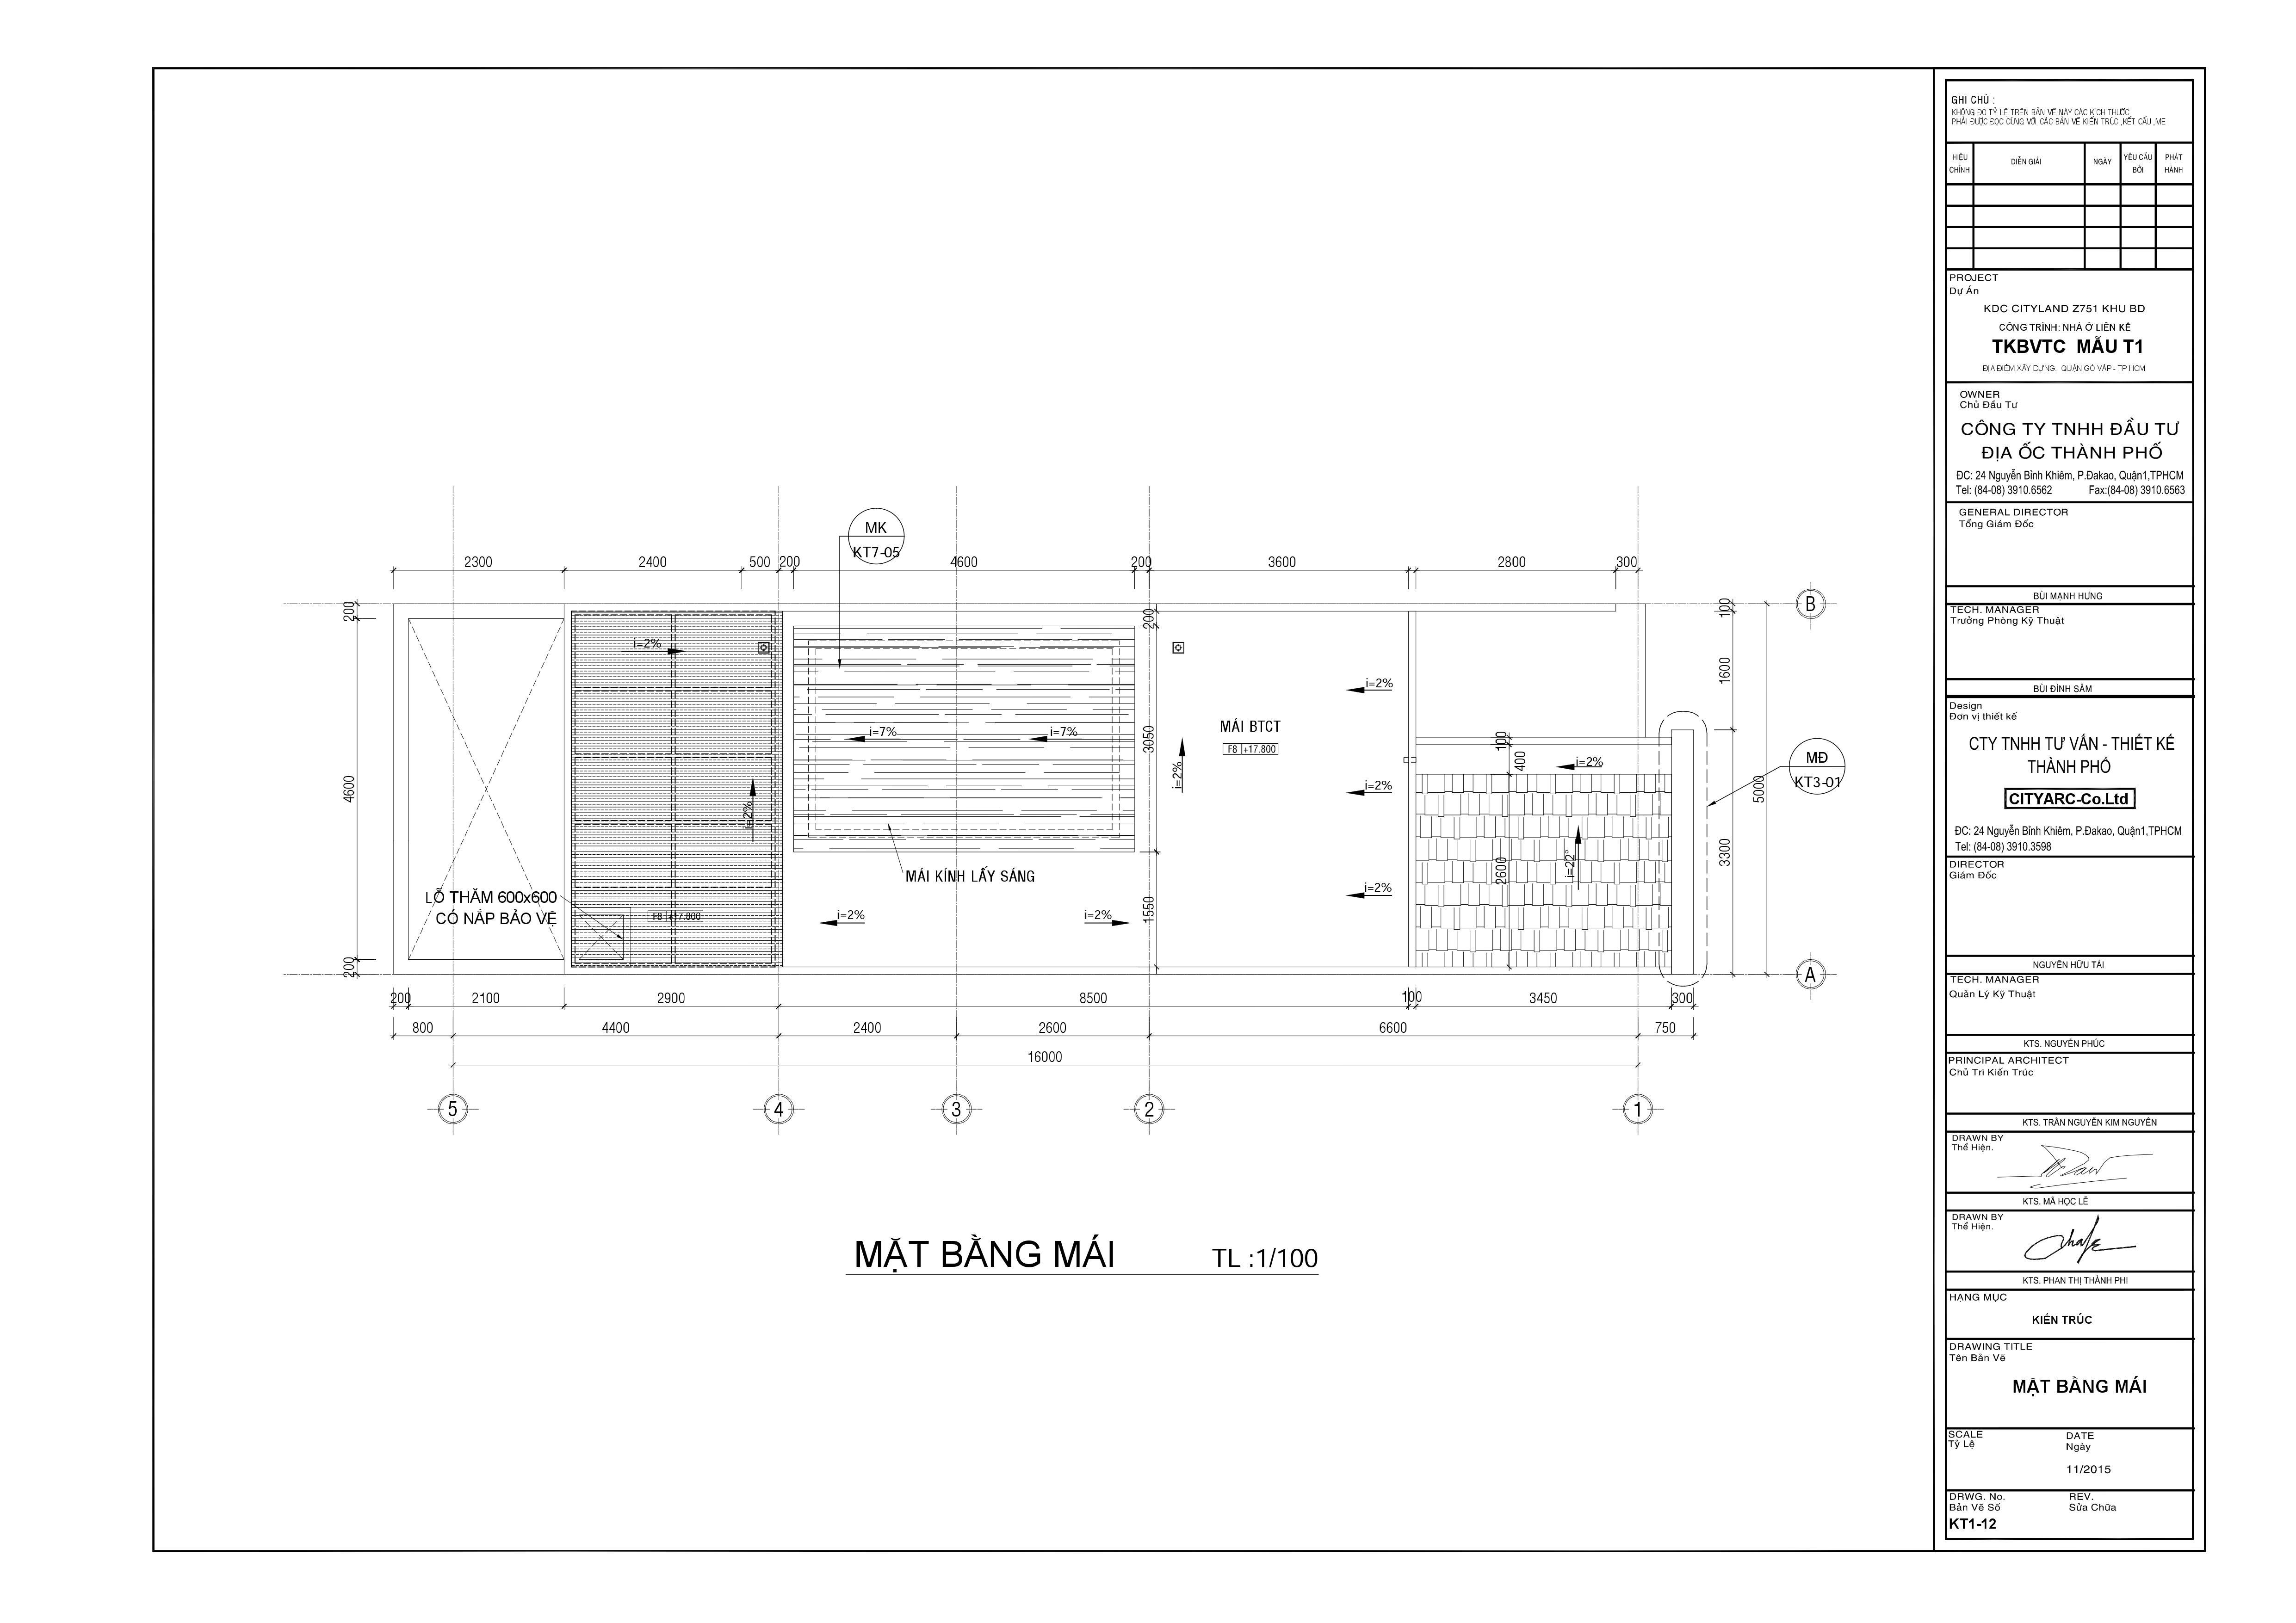 Nhà phố mặt tiền kinh doanh Cityland Park Hills Mẫu T1 - Tầng mái